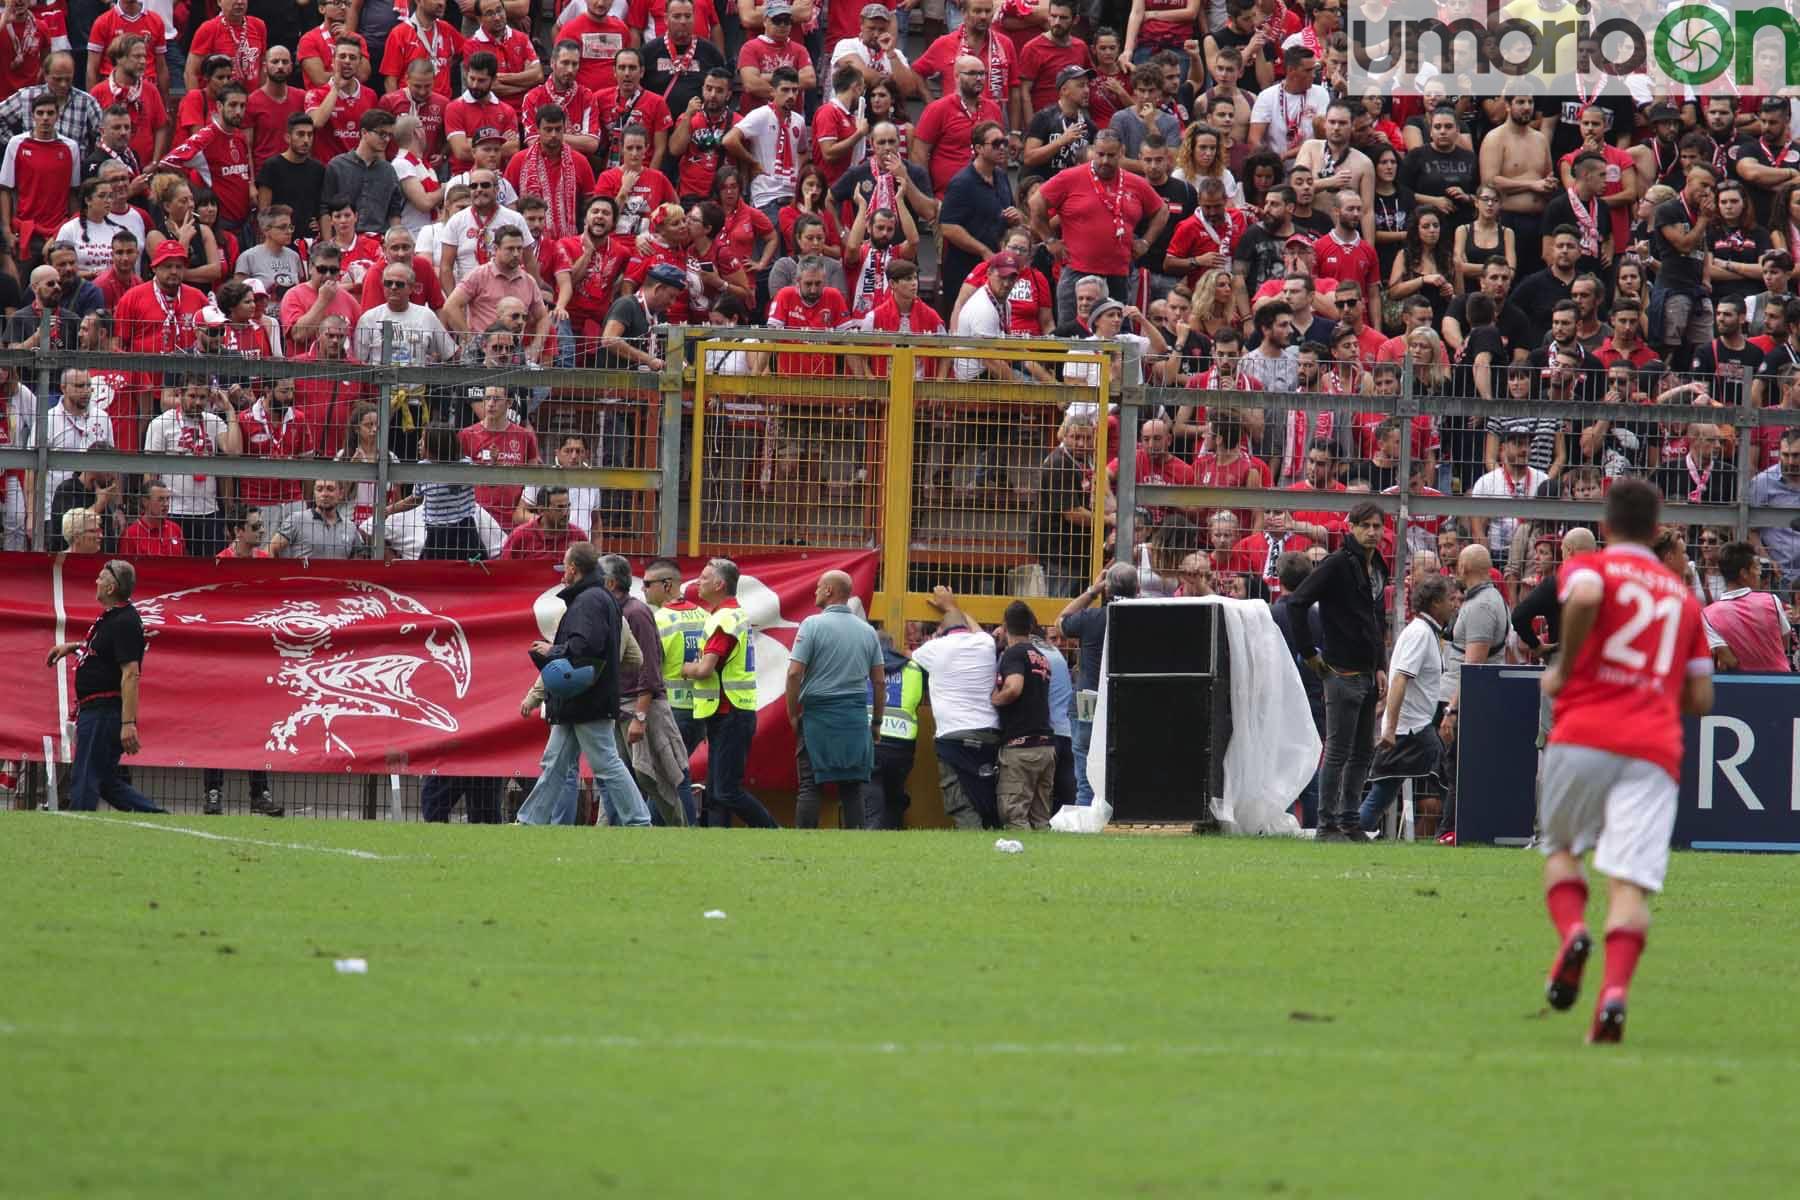 Serie B, 4° giornata: Cittadella in fuga, parità nel derby umbro